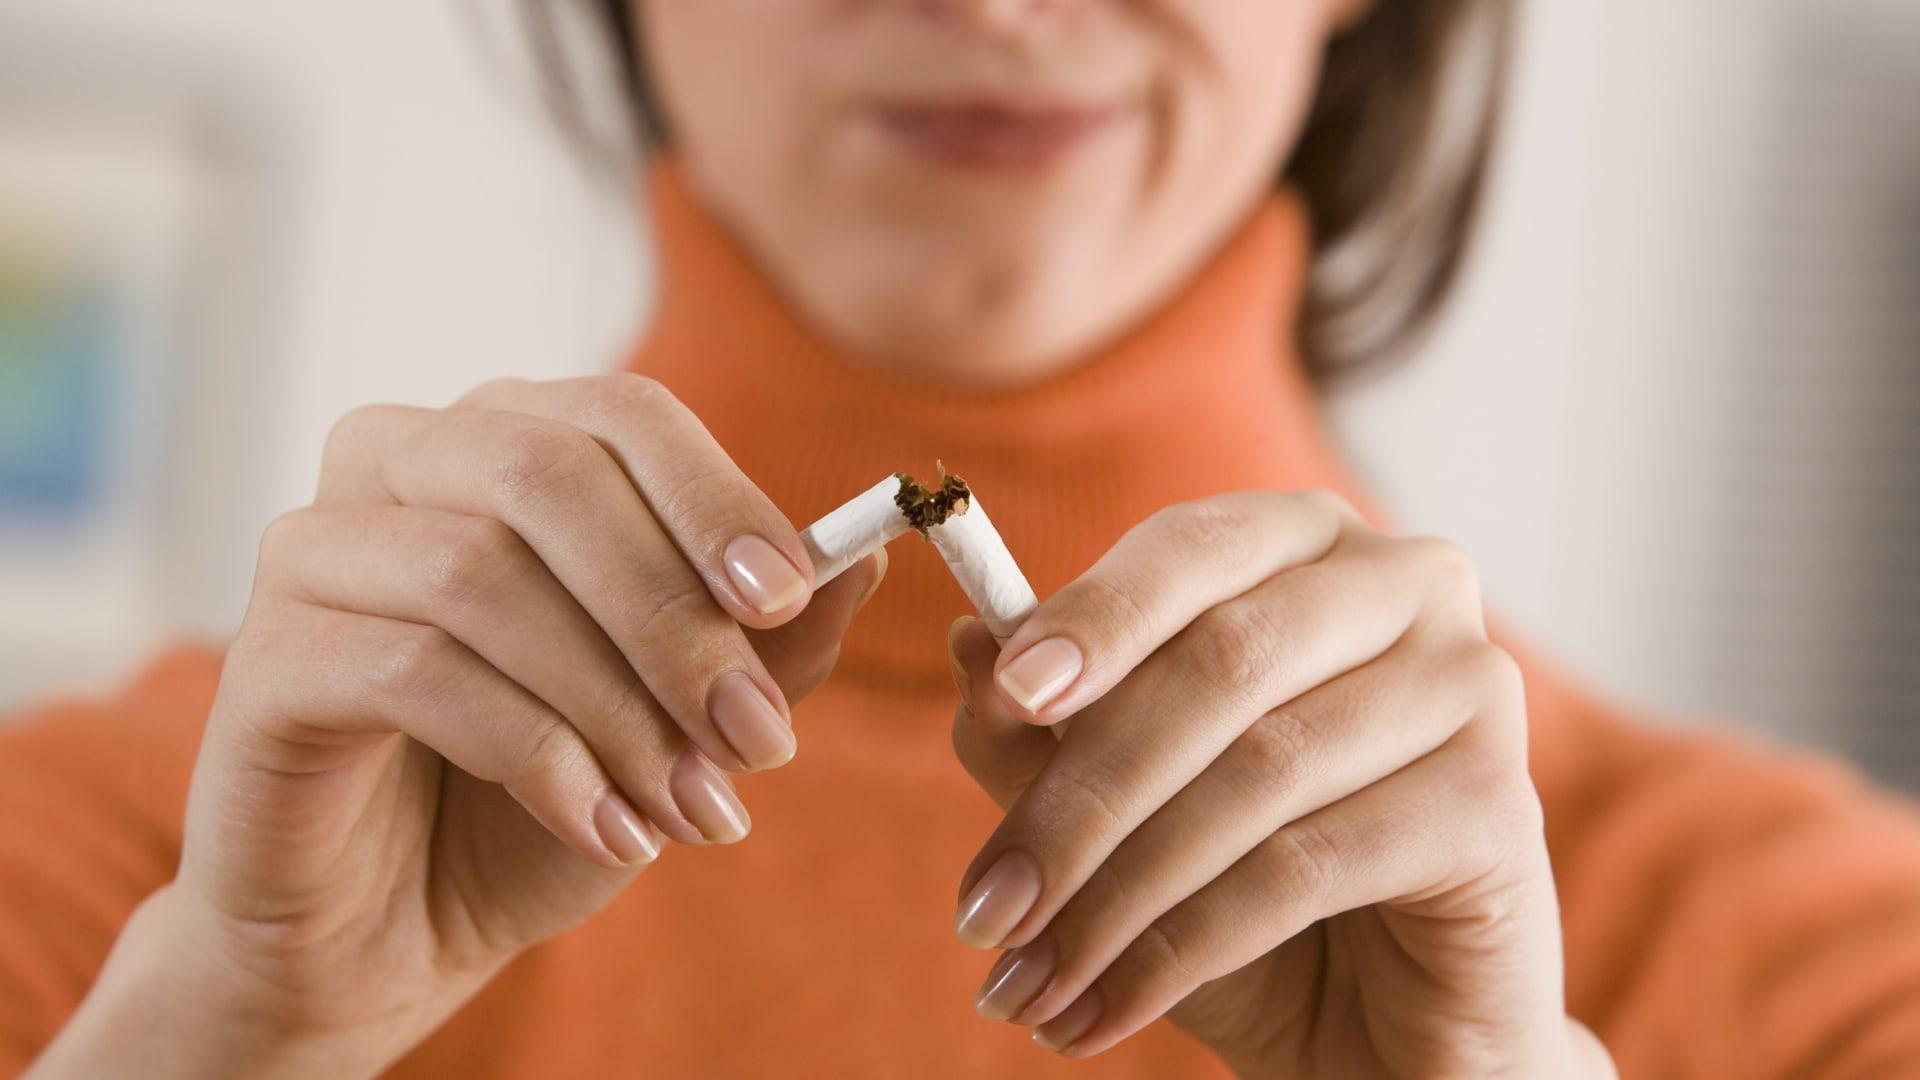 كيف يمكن أن يساعد الإقلاع عن التدخين في مكافحة فيروس كورونا؟